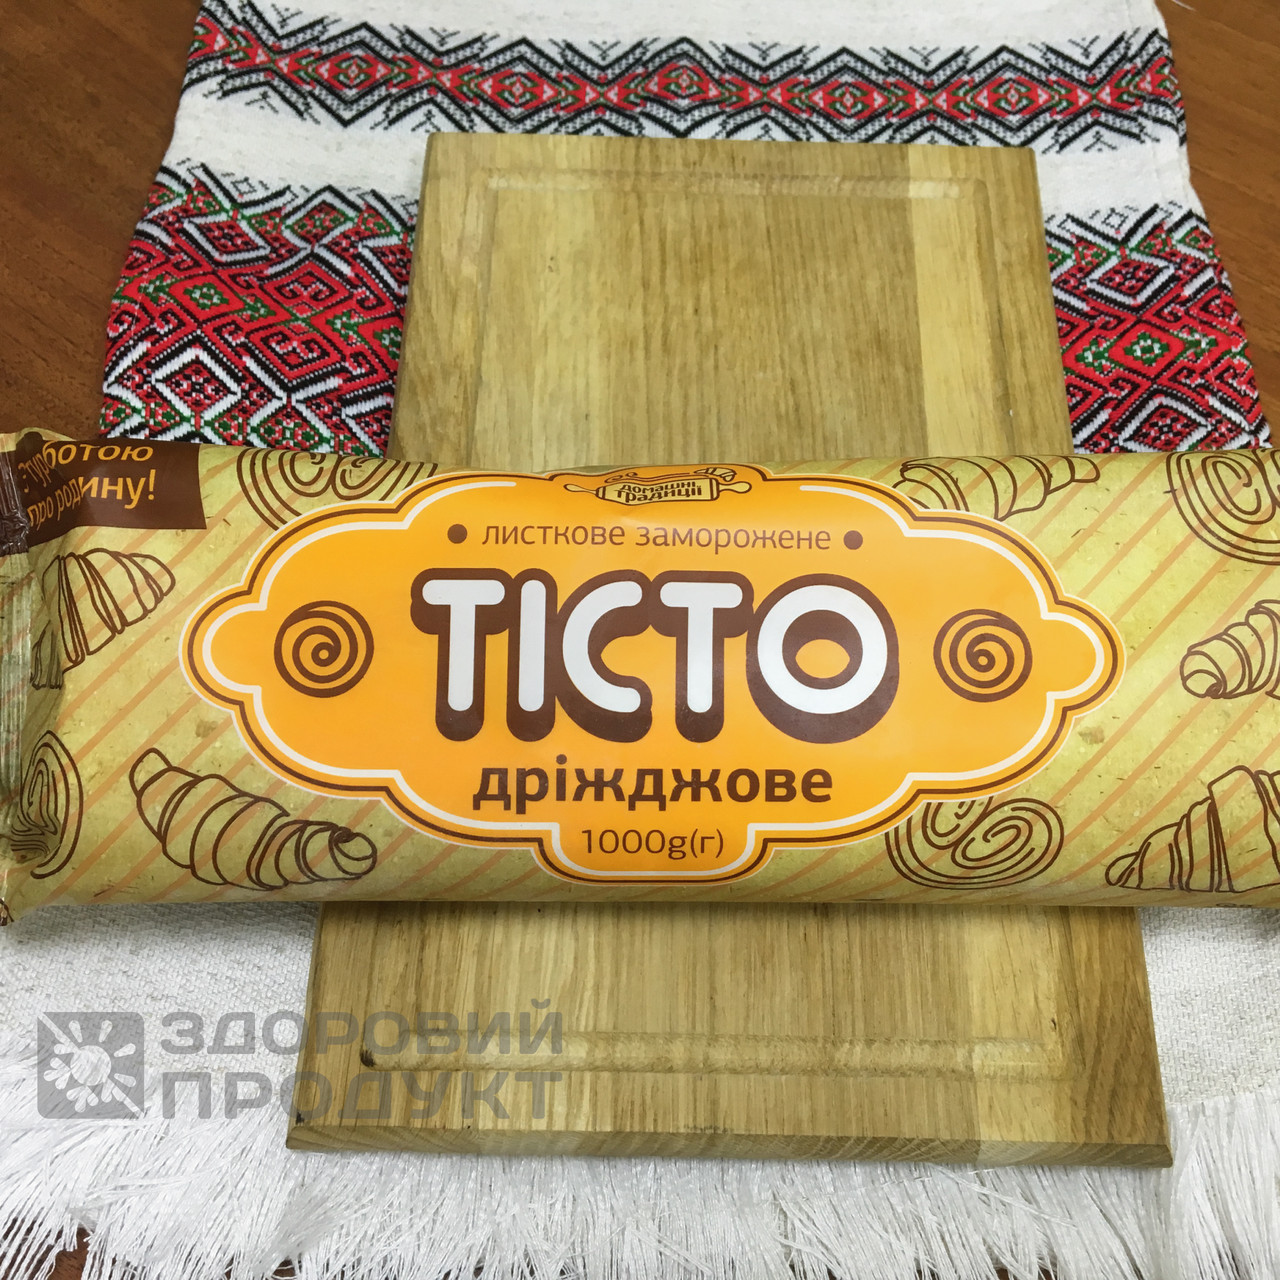 Замороженное тесто дрожжевое 1000г (1 кг.)